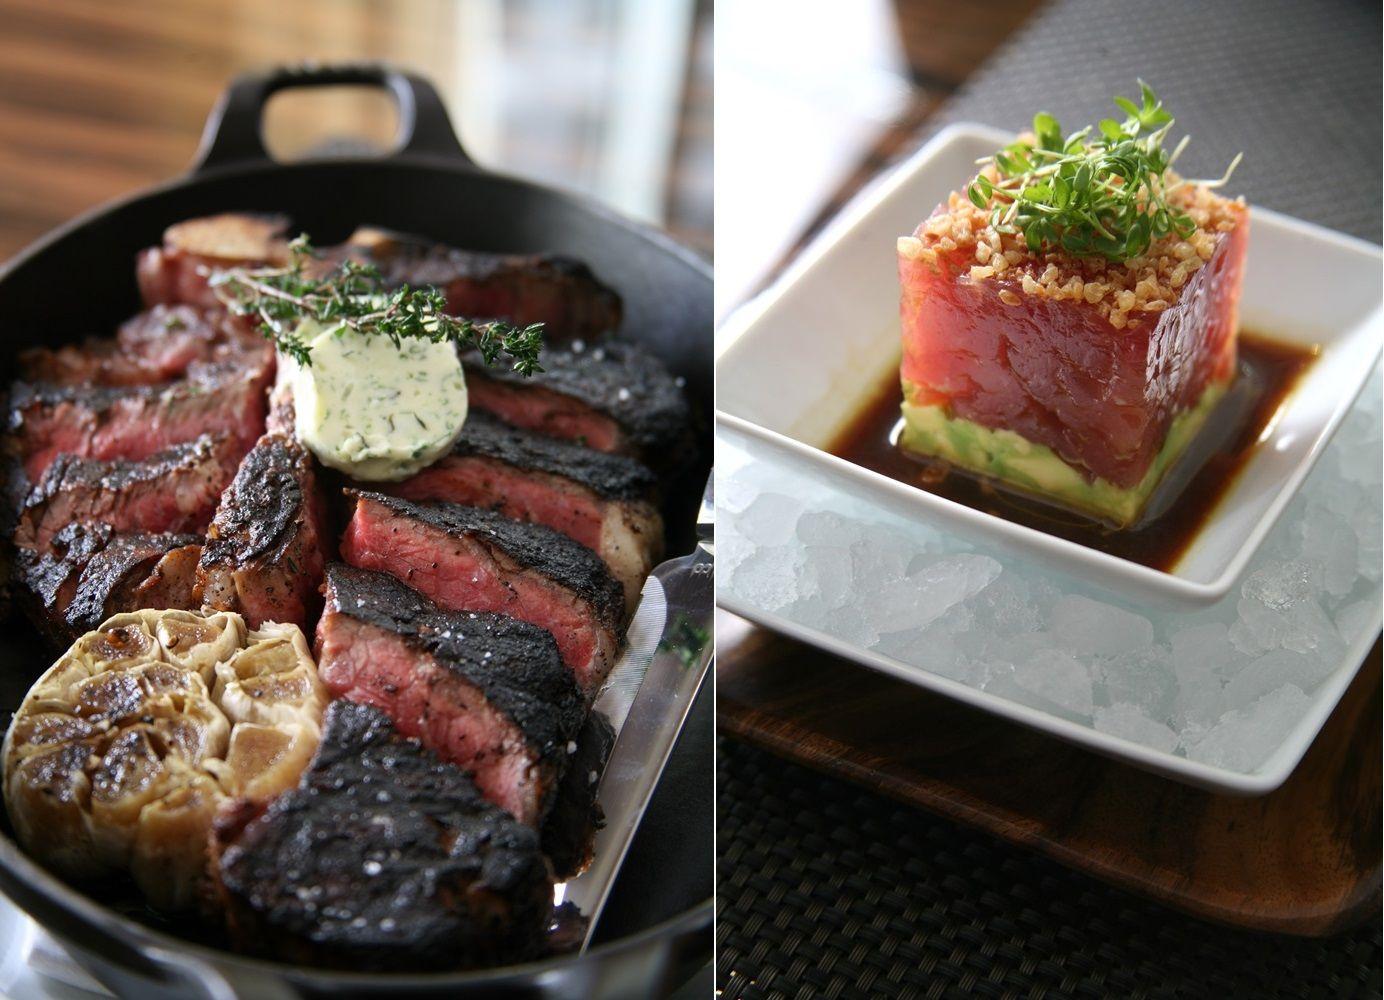 Now Open at Bally's Las Vegas, BLT Steak Brings Back Legendary Sterling Brunch http://www.accessvegas.com/news/dining/ballys-blt-steak-sterling-brunch/2014/05/27